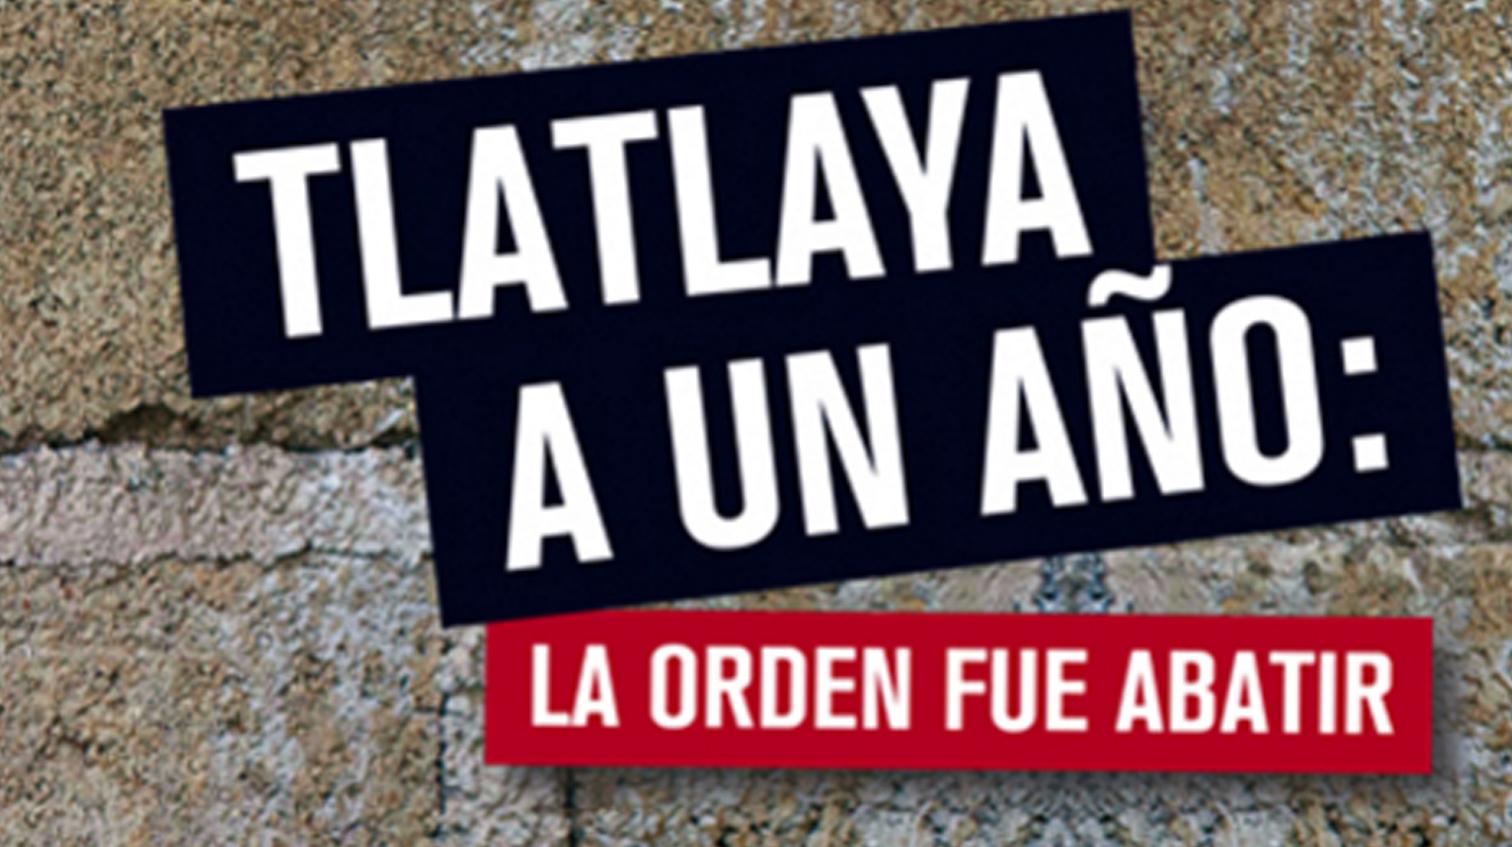 Ejecuciones extrajudiciales: Práctica recurrente en México